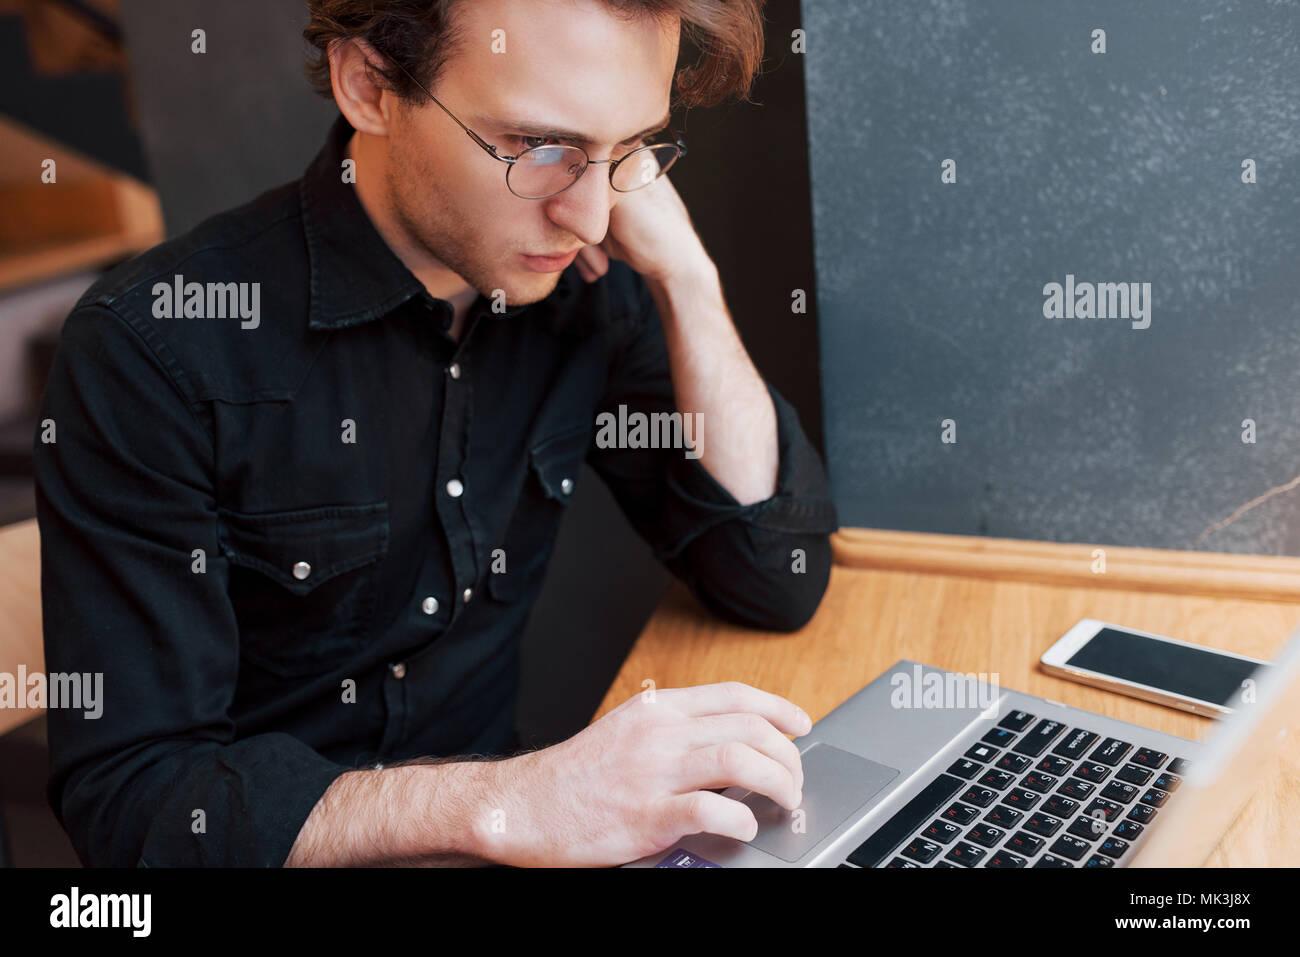 L'homme créatif designer travaillant sur son ordinateur portable lors de l'attente à l'ordre à son favori à l'intérieur, café étudiant travaillant sur le bénéfice net de bord pendant le petit déjeuner du matin au café de l'intérieur moderne Photo Stock